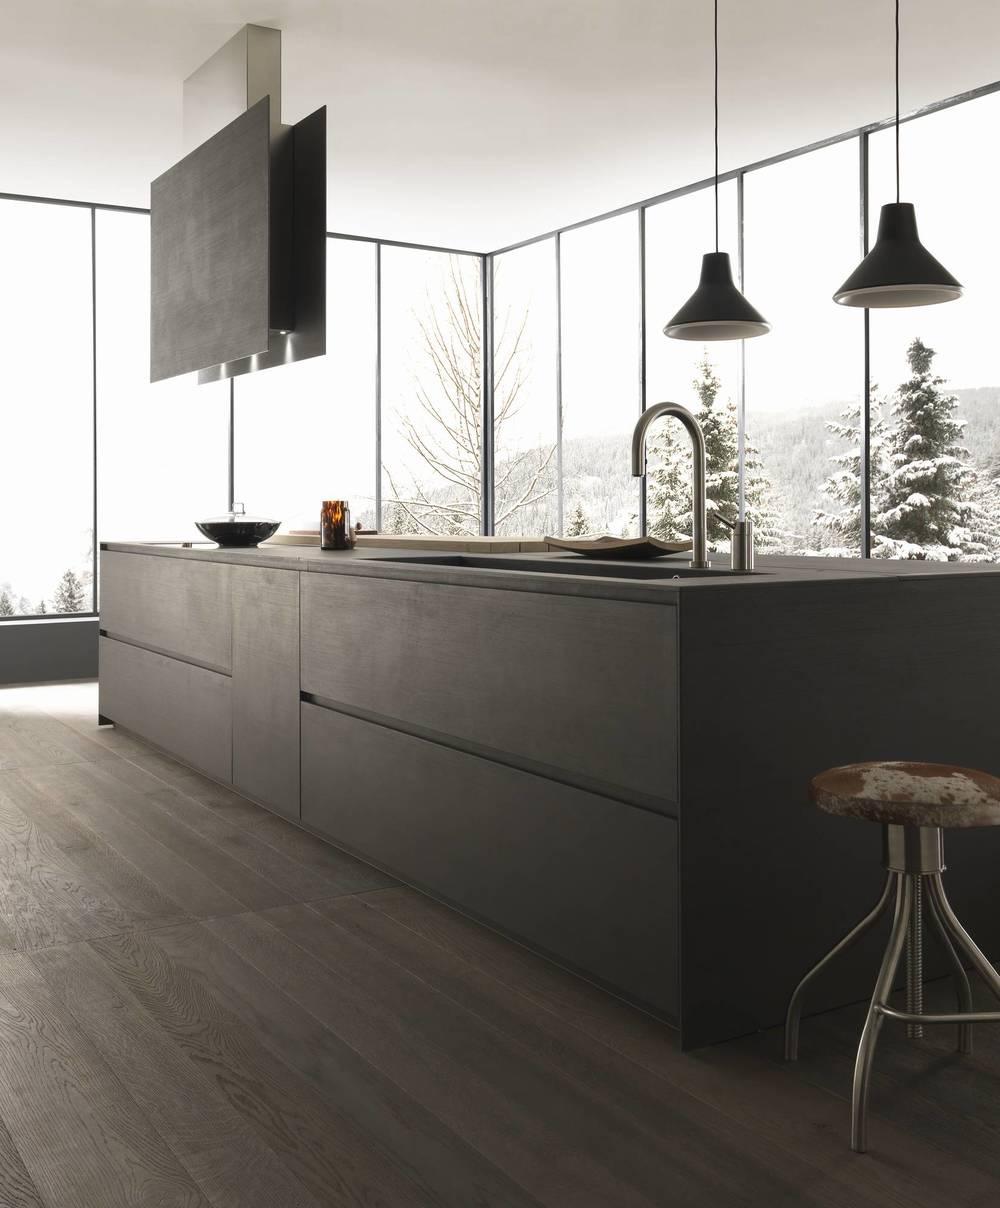 Blade kitchen from Modulnova